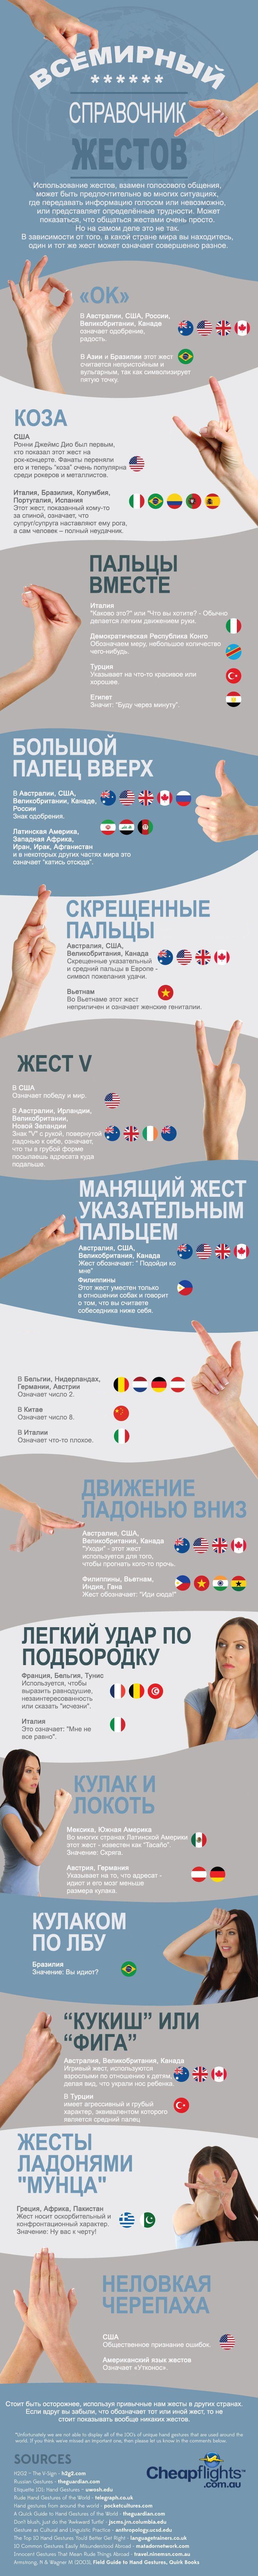 Что обозначают жесты в разных странах